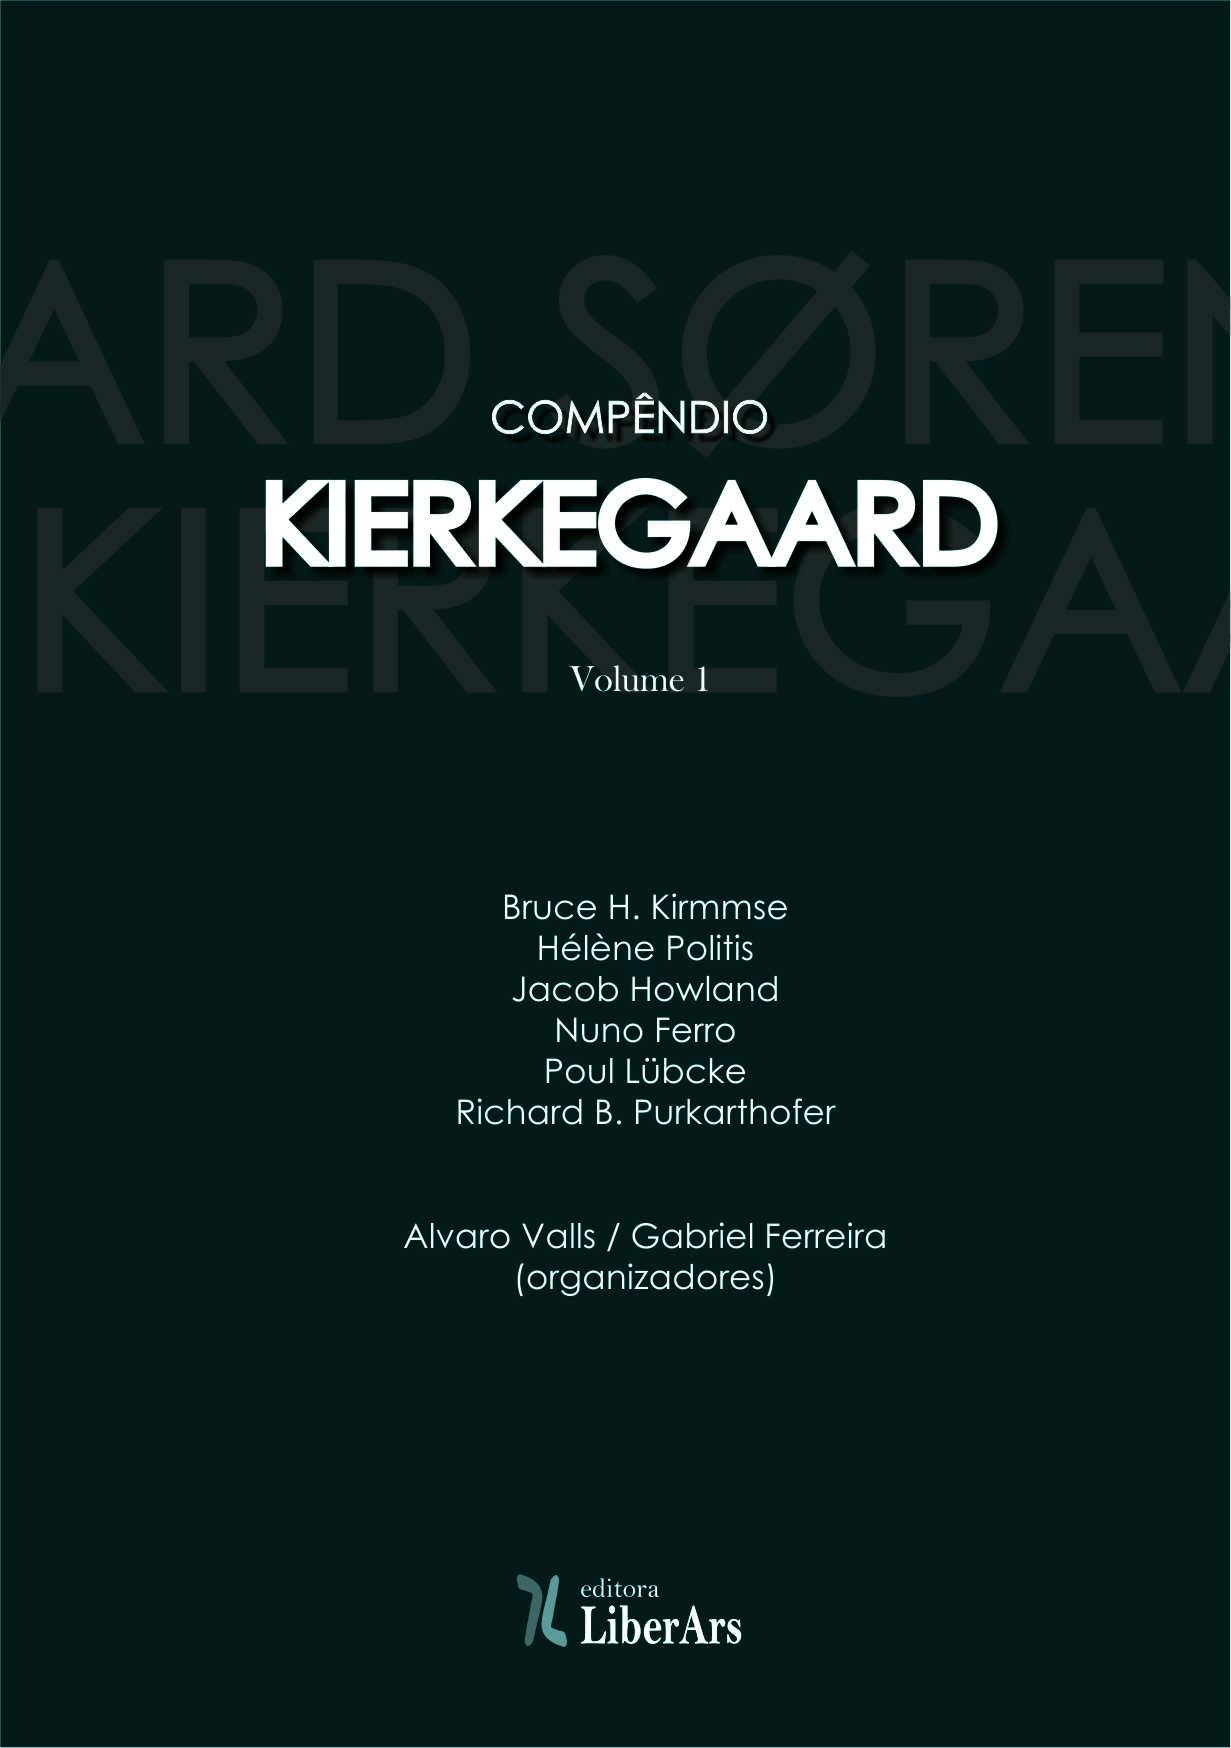 Compêndio Kierkegaard - pela comemoração do bicentenário do nascimento, livro de Alvaro Valls / Gabriel Ferreira (org.), Heléne Politis / Poul Lübcke, Nuno Ferro (et. al)